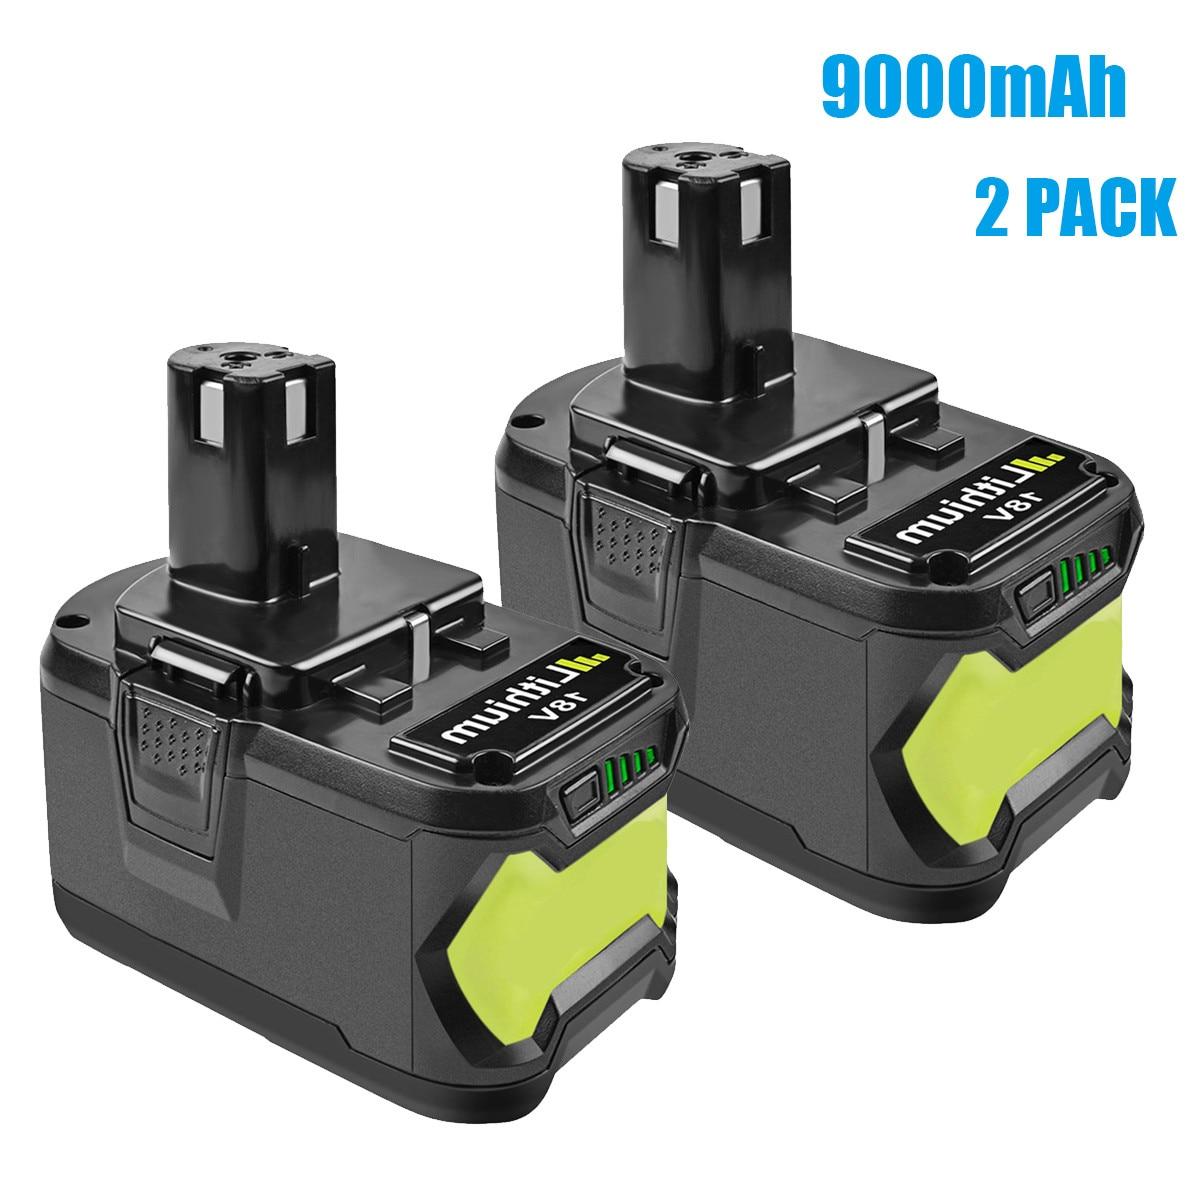 Bonadget substituição para ryobi 18v 6000mah 9000mah p108 bateria rb18 bateria recarregável de íon de lítio ferramentas elétricas bateria